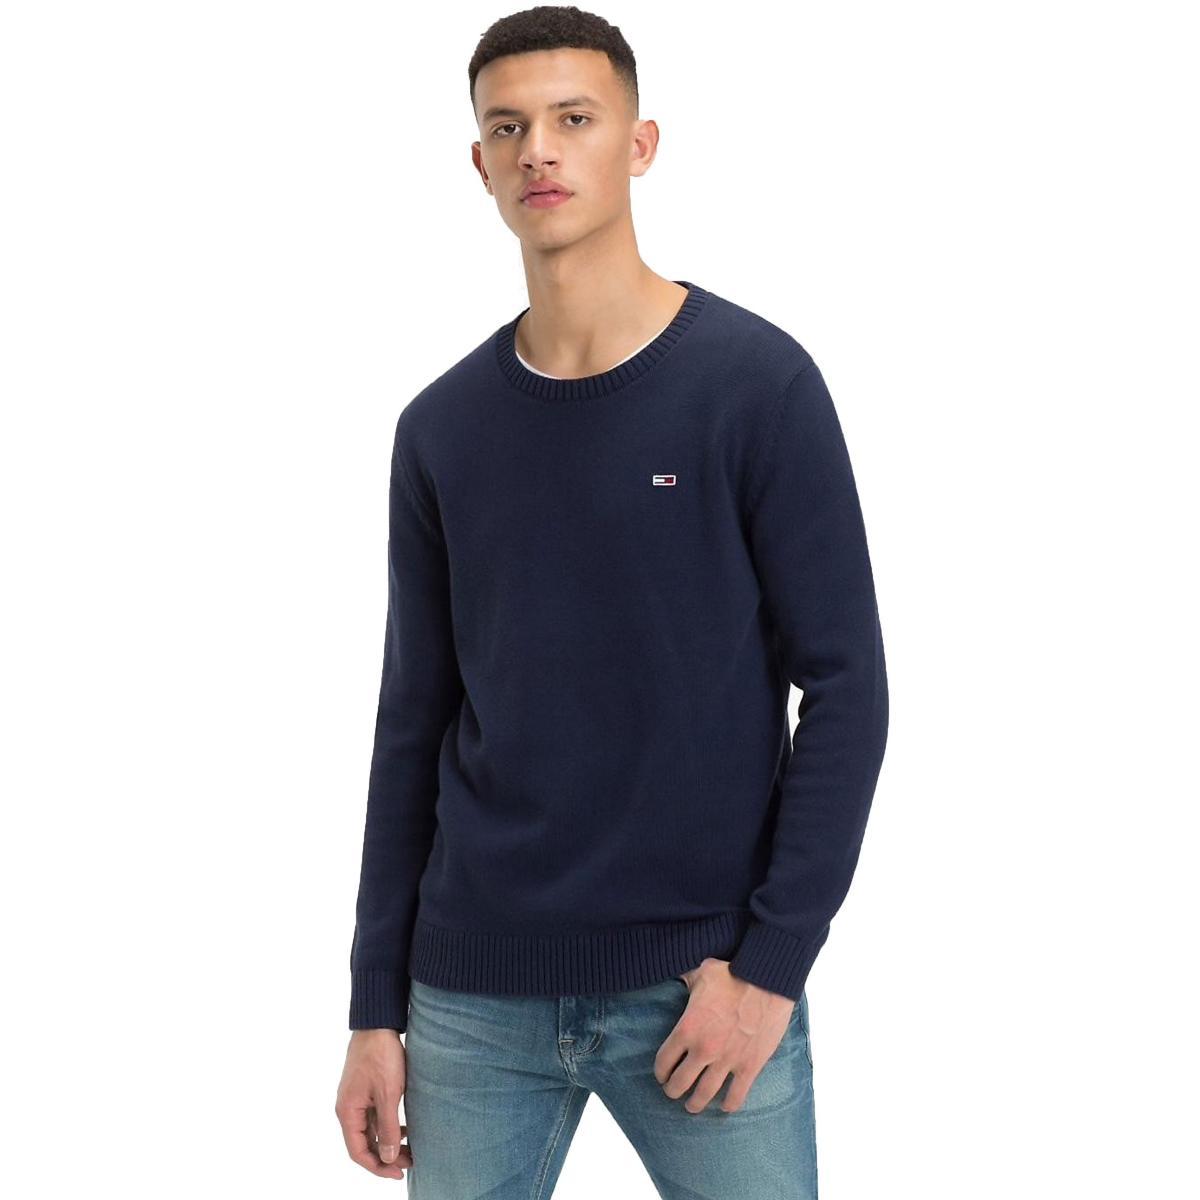 Pullover Tommy Hilfiger Jeans Classics in maglia da uomo rif. DM0DM05068